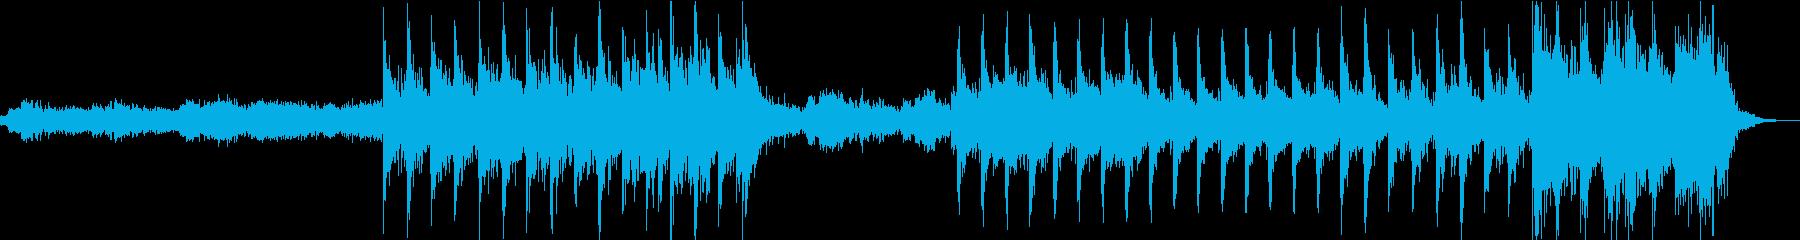 神秘的で力強いアンビエントBGMの再生済みの波形